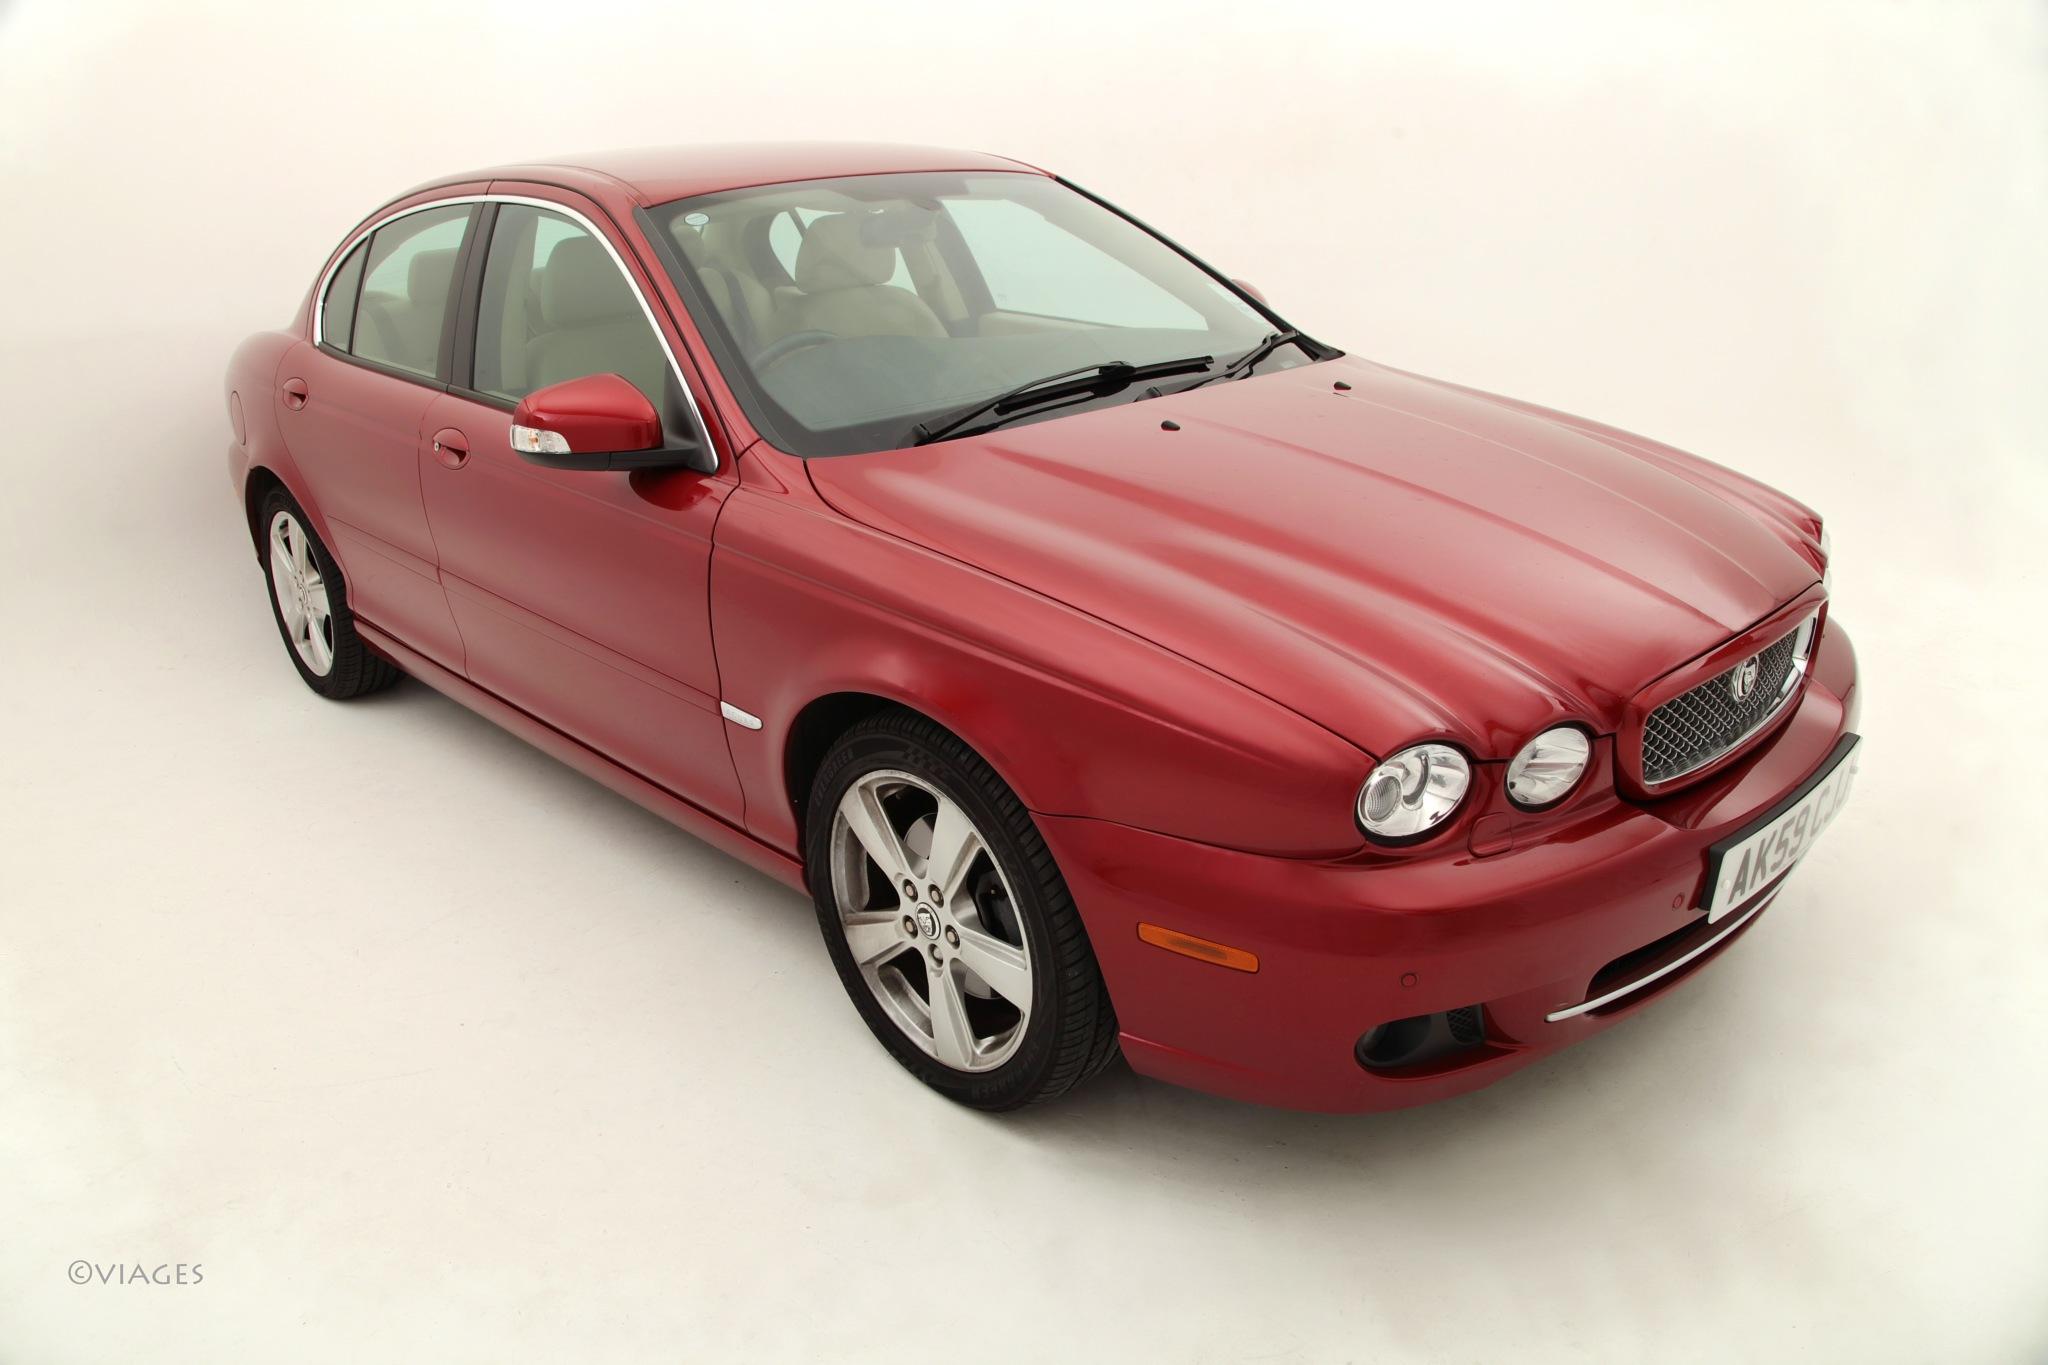 X Type Jaguar by viages